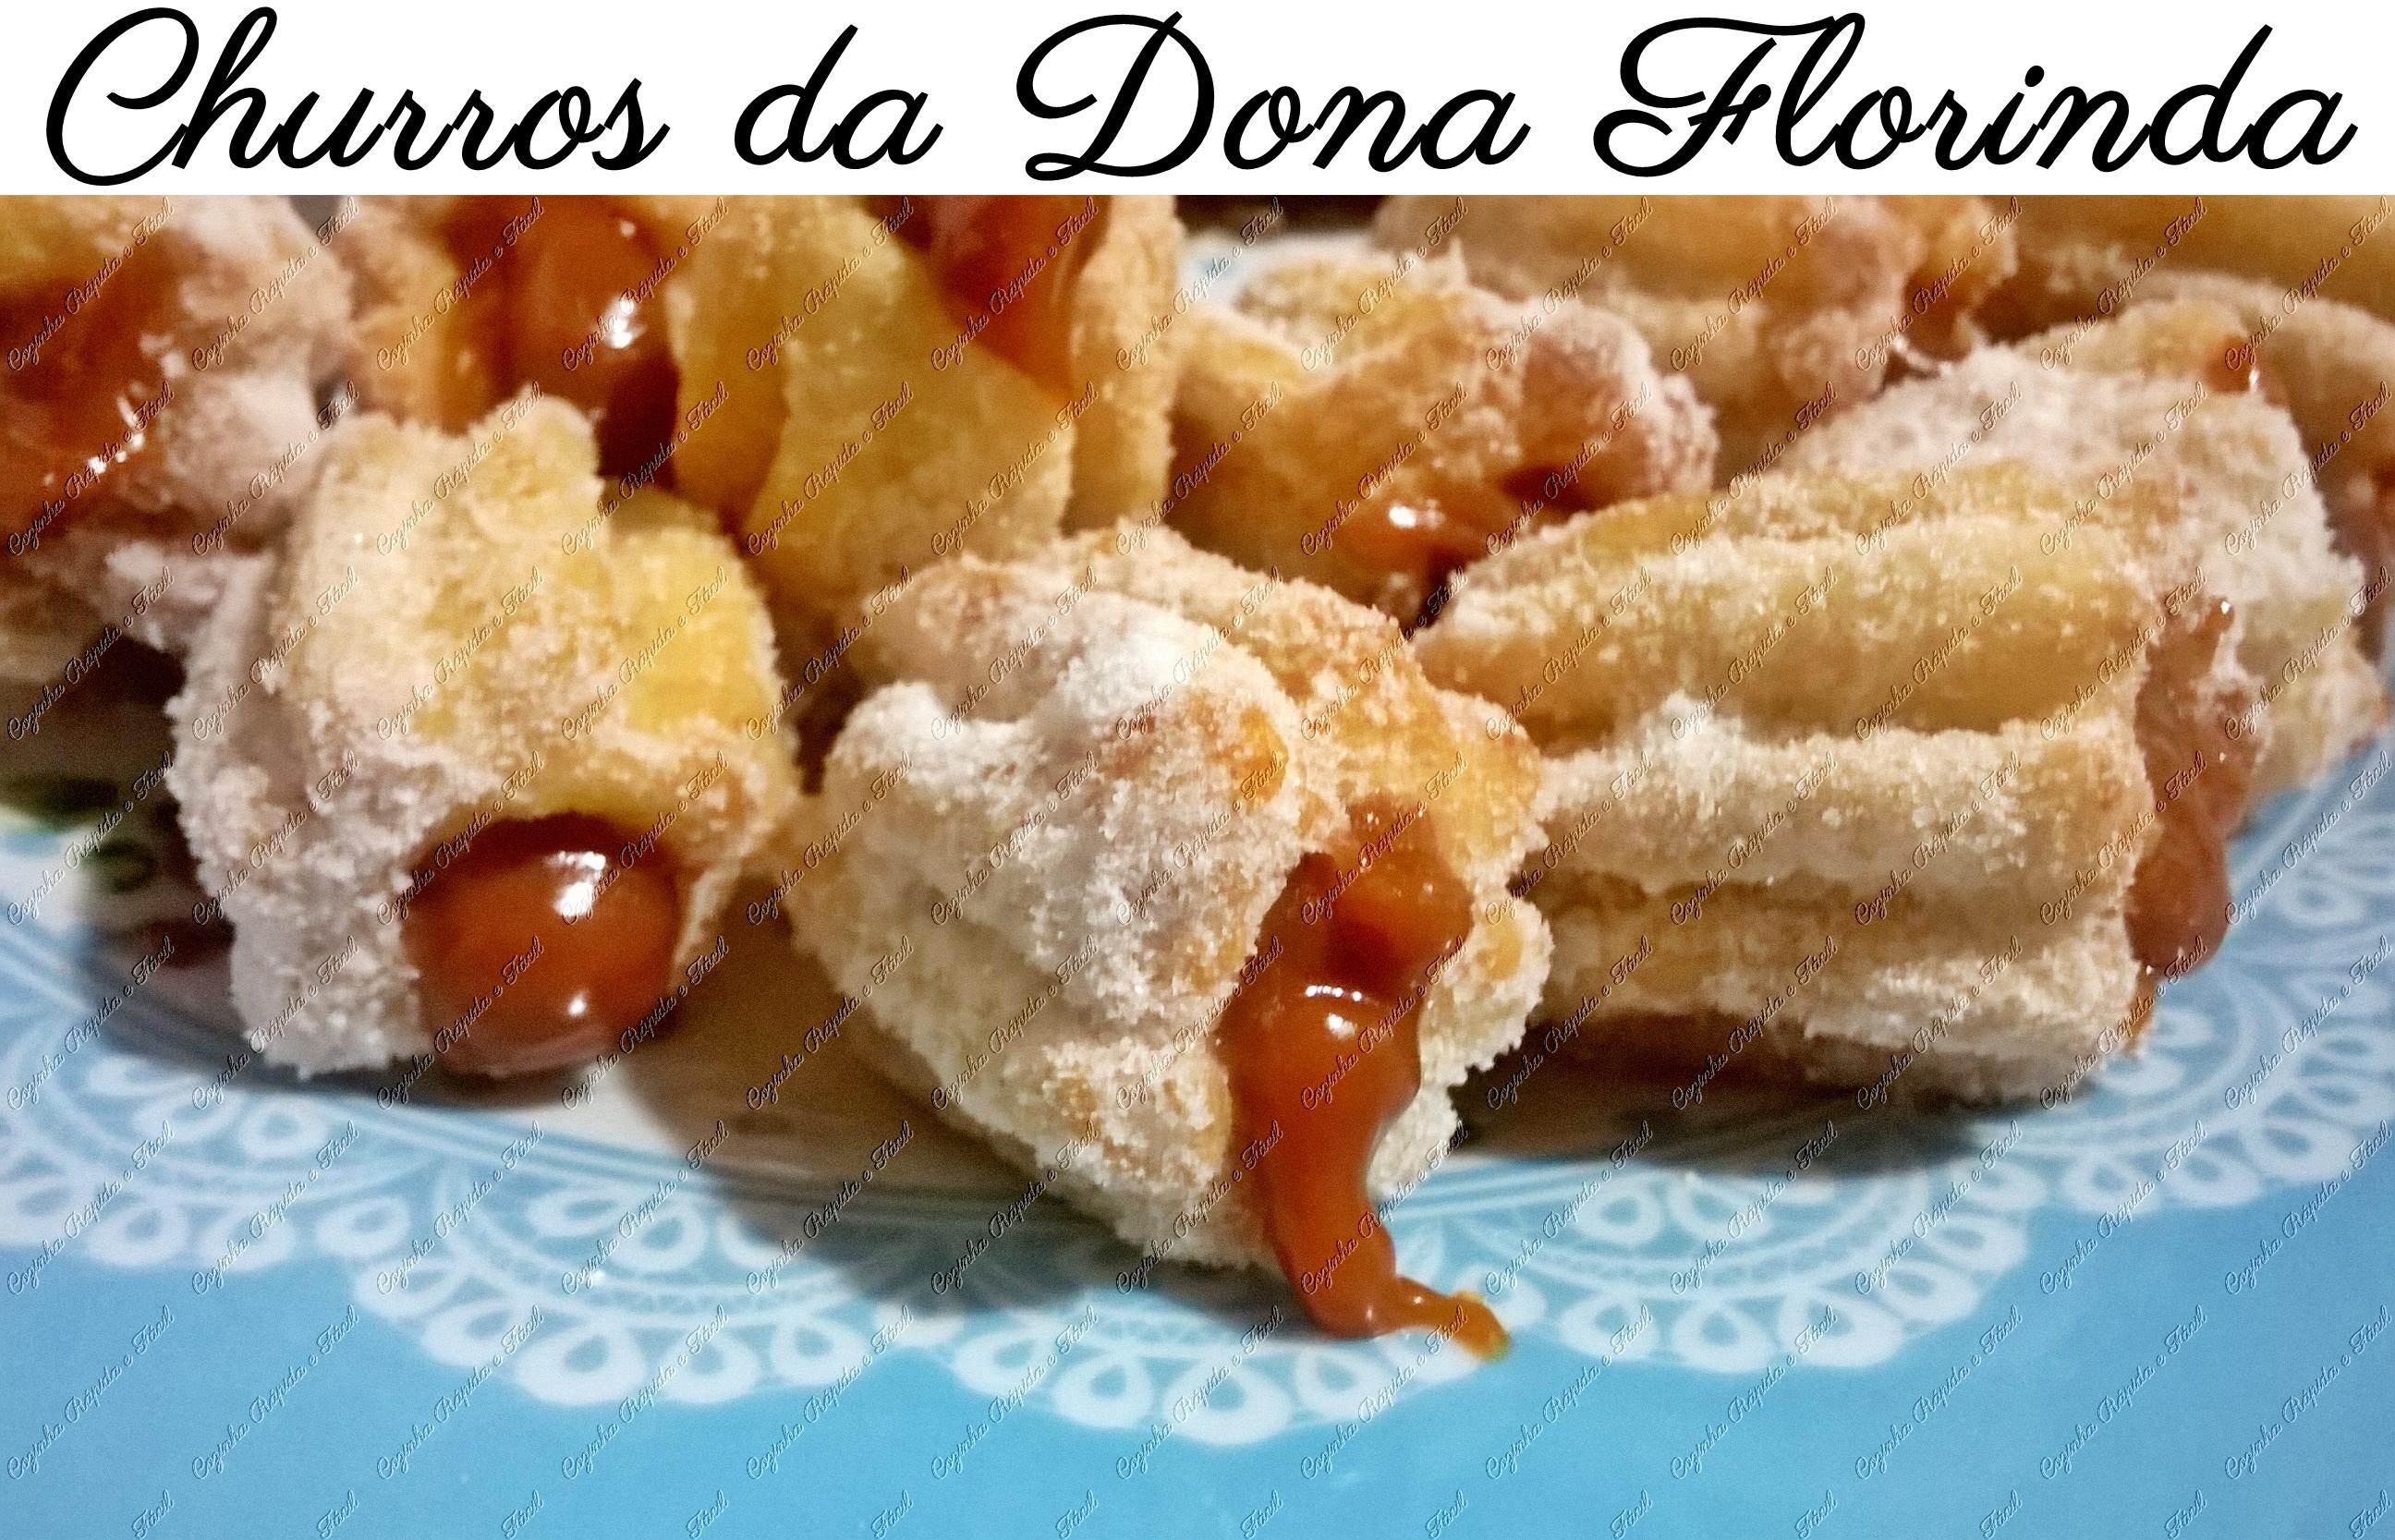 Como Fazer Churros Da Dona Florinda Cozinha Rápida Fácil